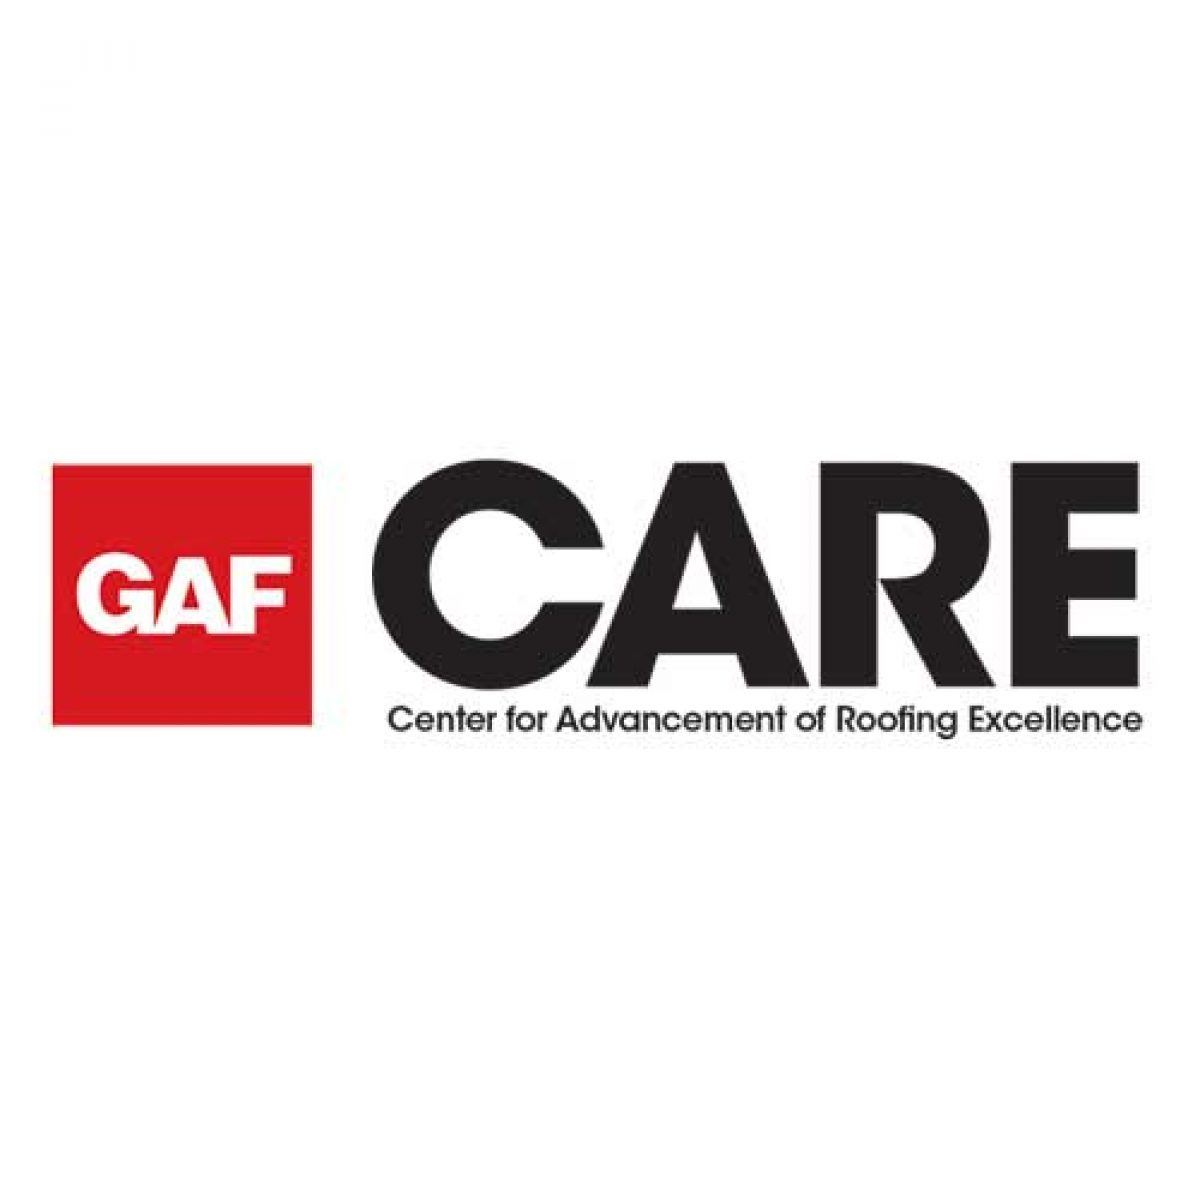 GAF service